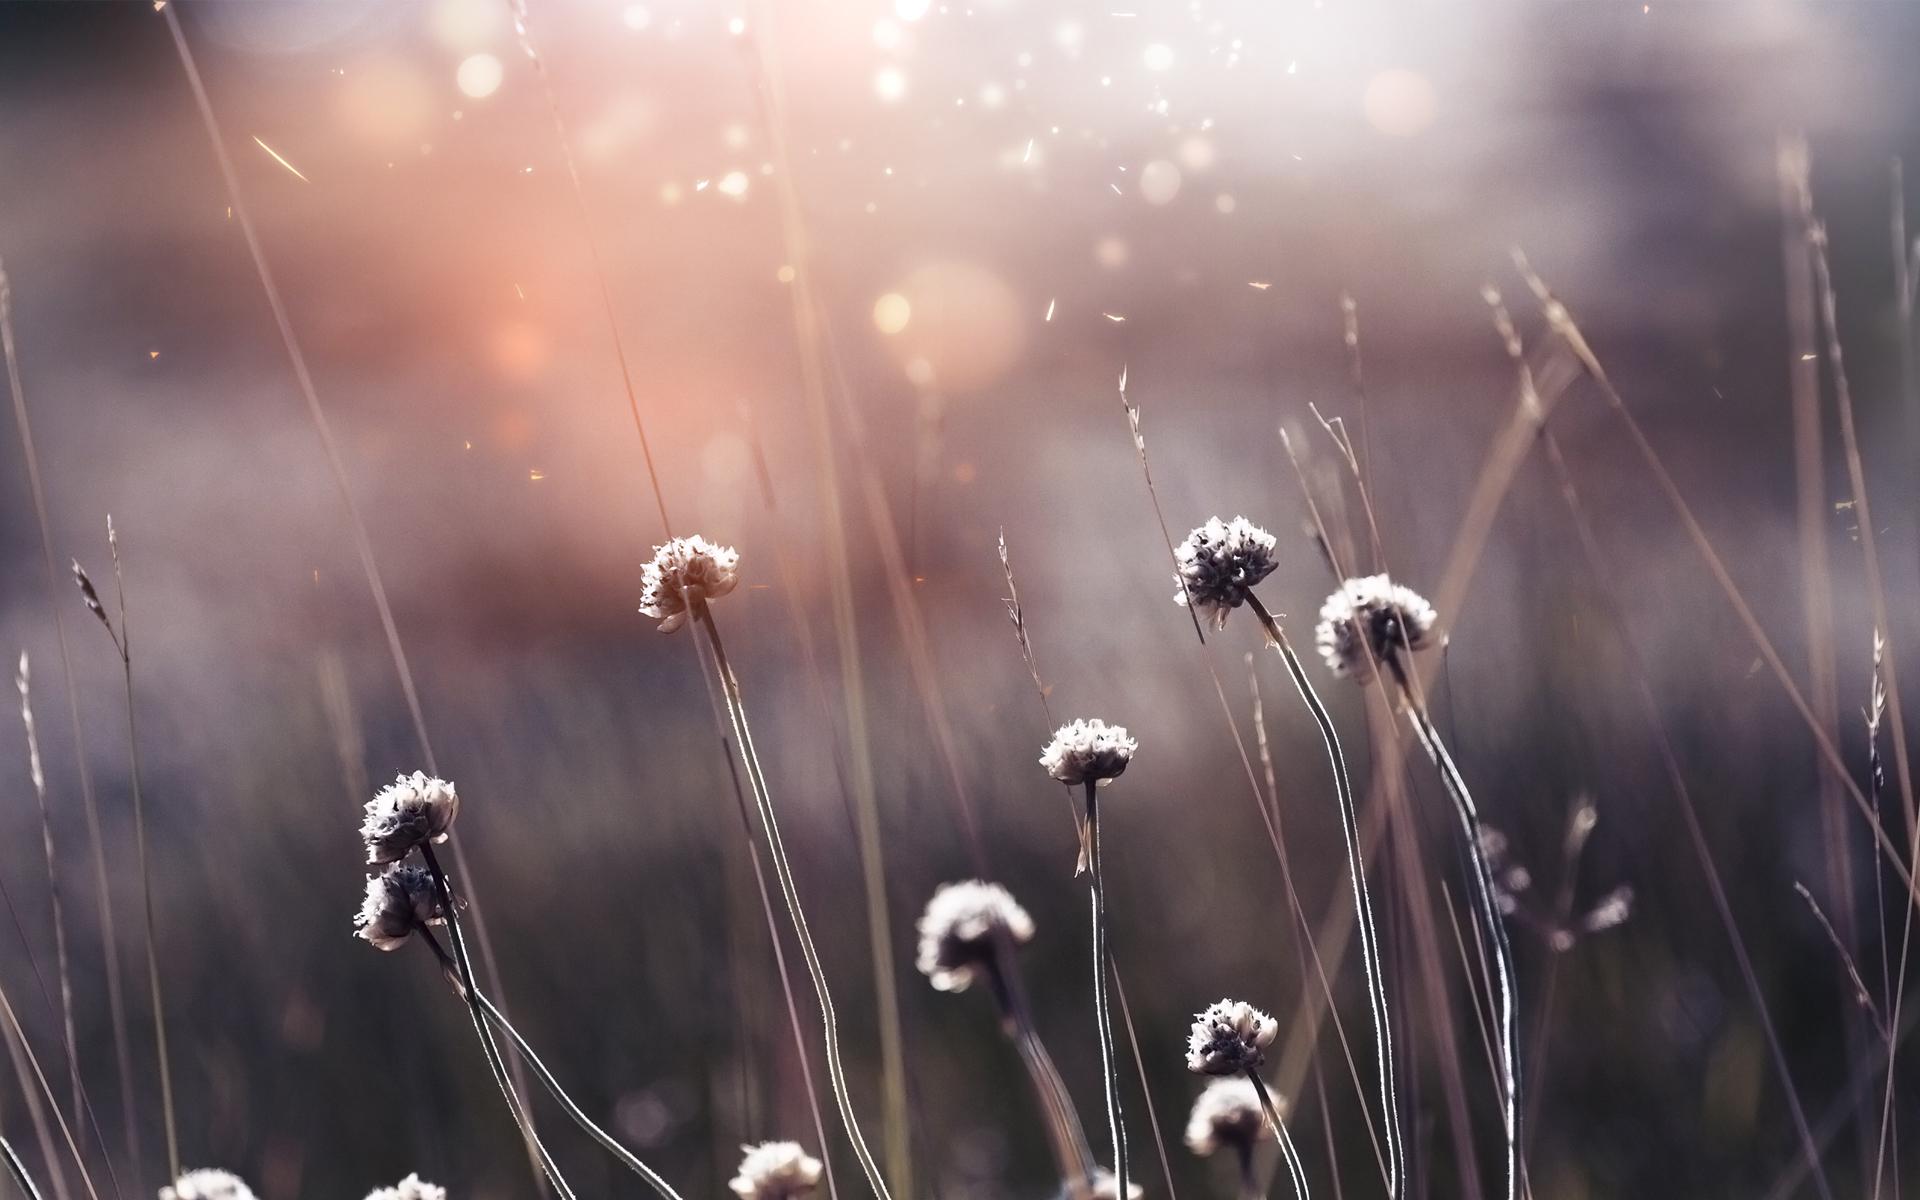 Hình nền gốc cỏ trụi hoa sau mùa đông